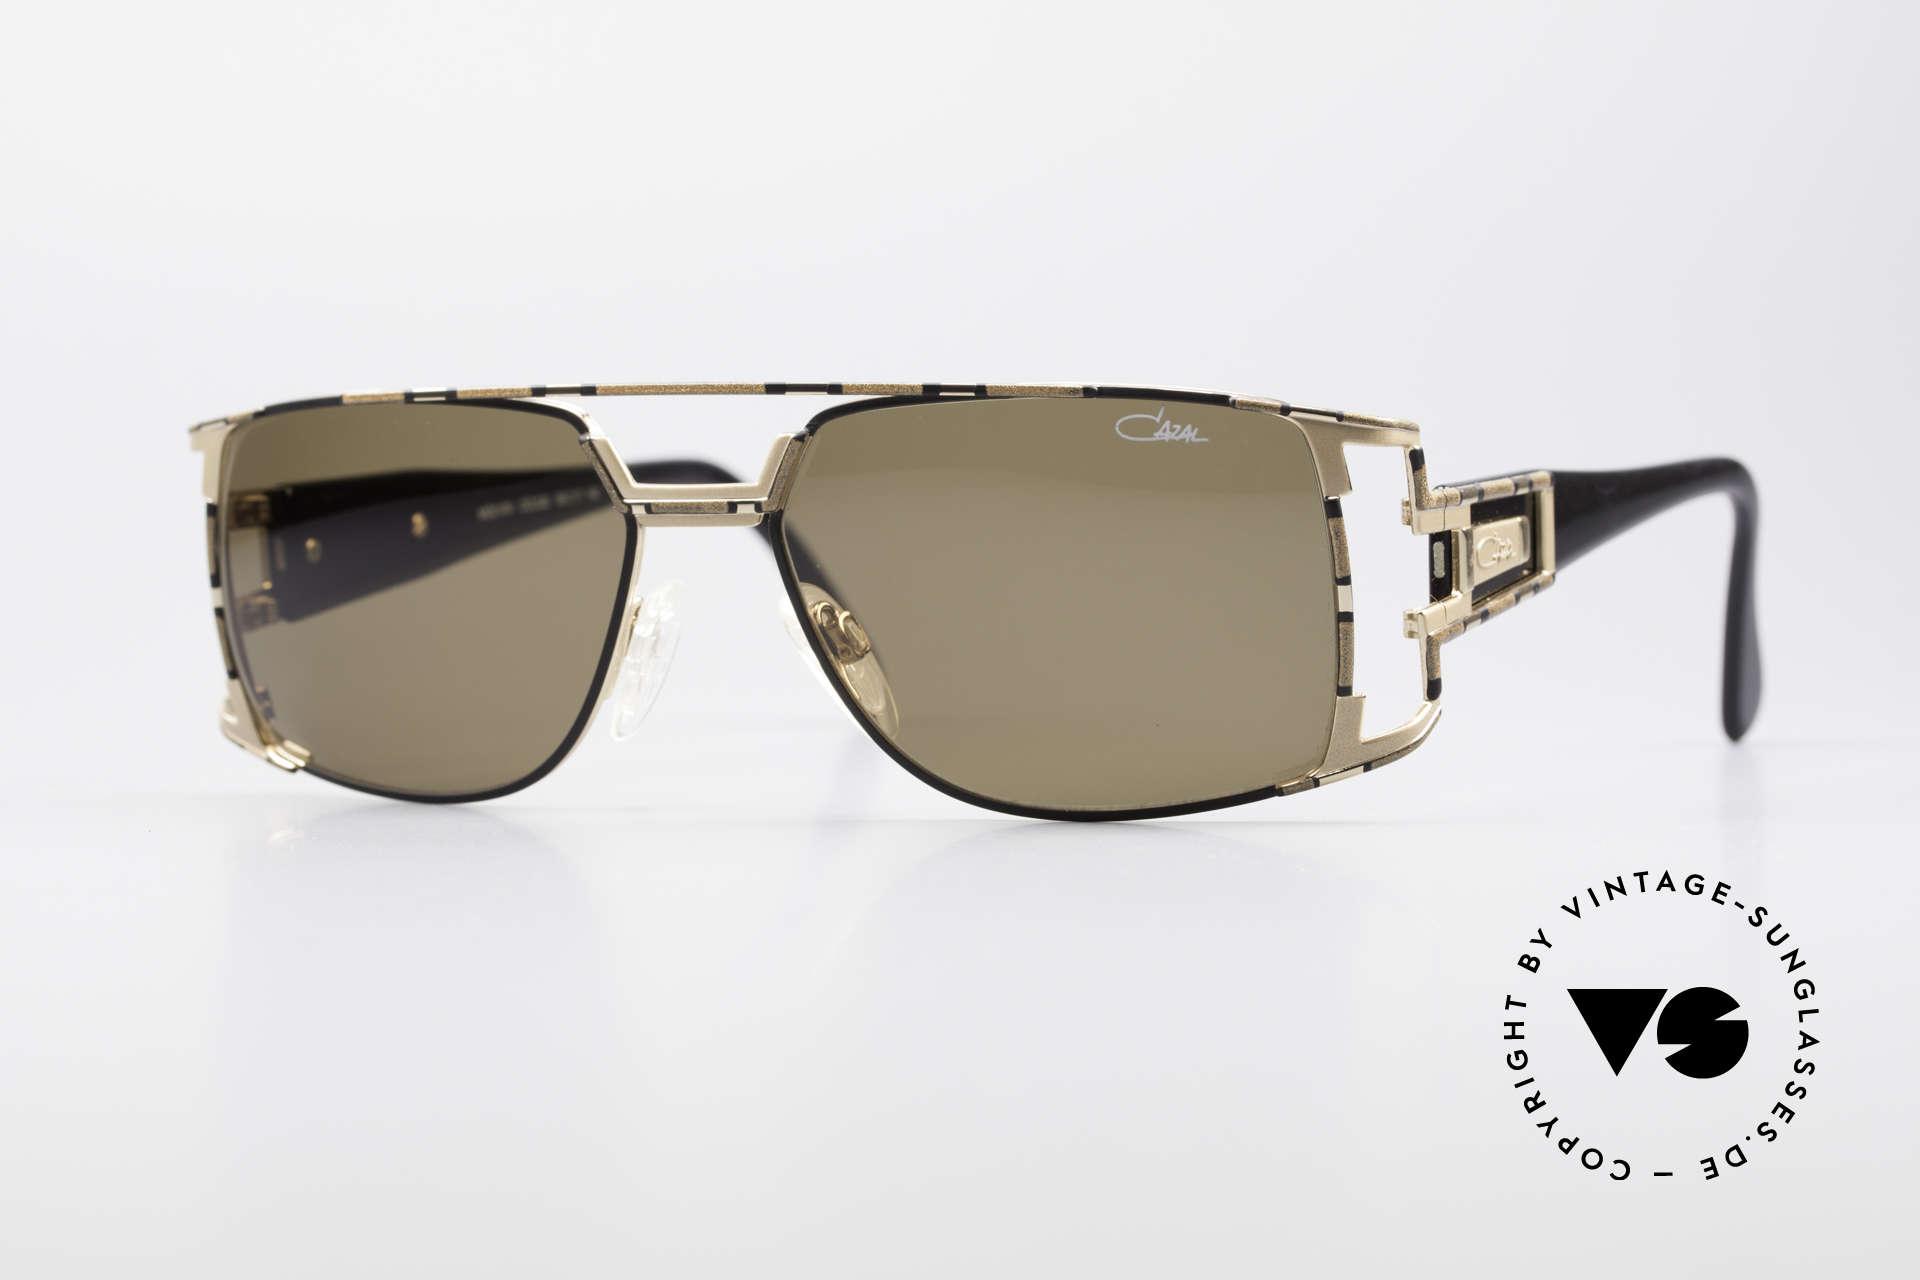 Cazal 974 Unisex Design Men Women, vintage CAZAL unisex designer sunglasses from 1997, Made for Men and Women